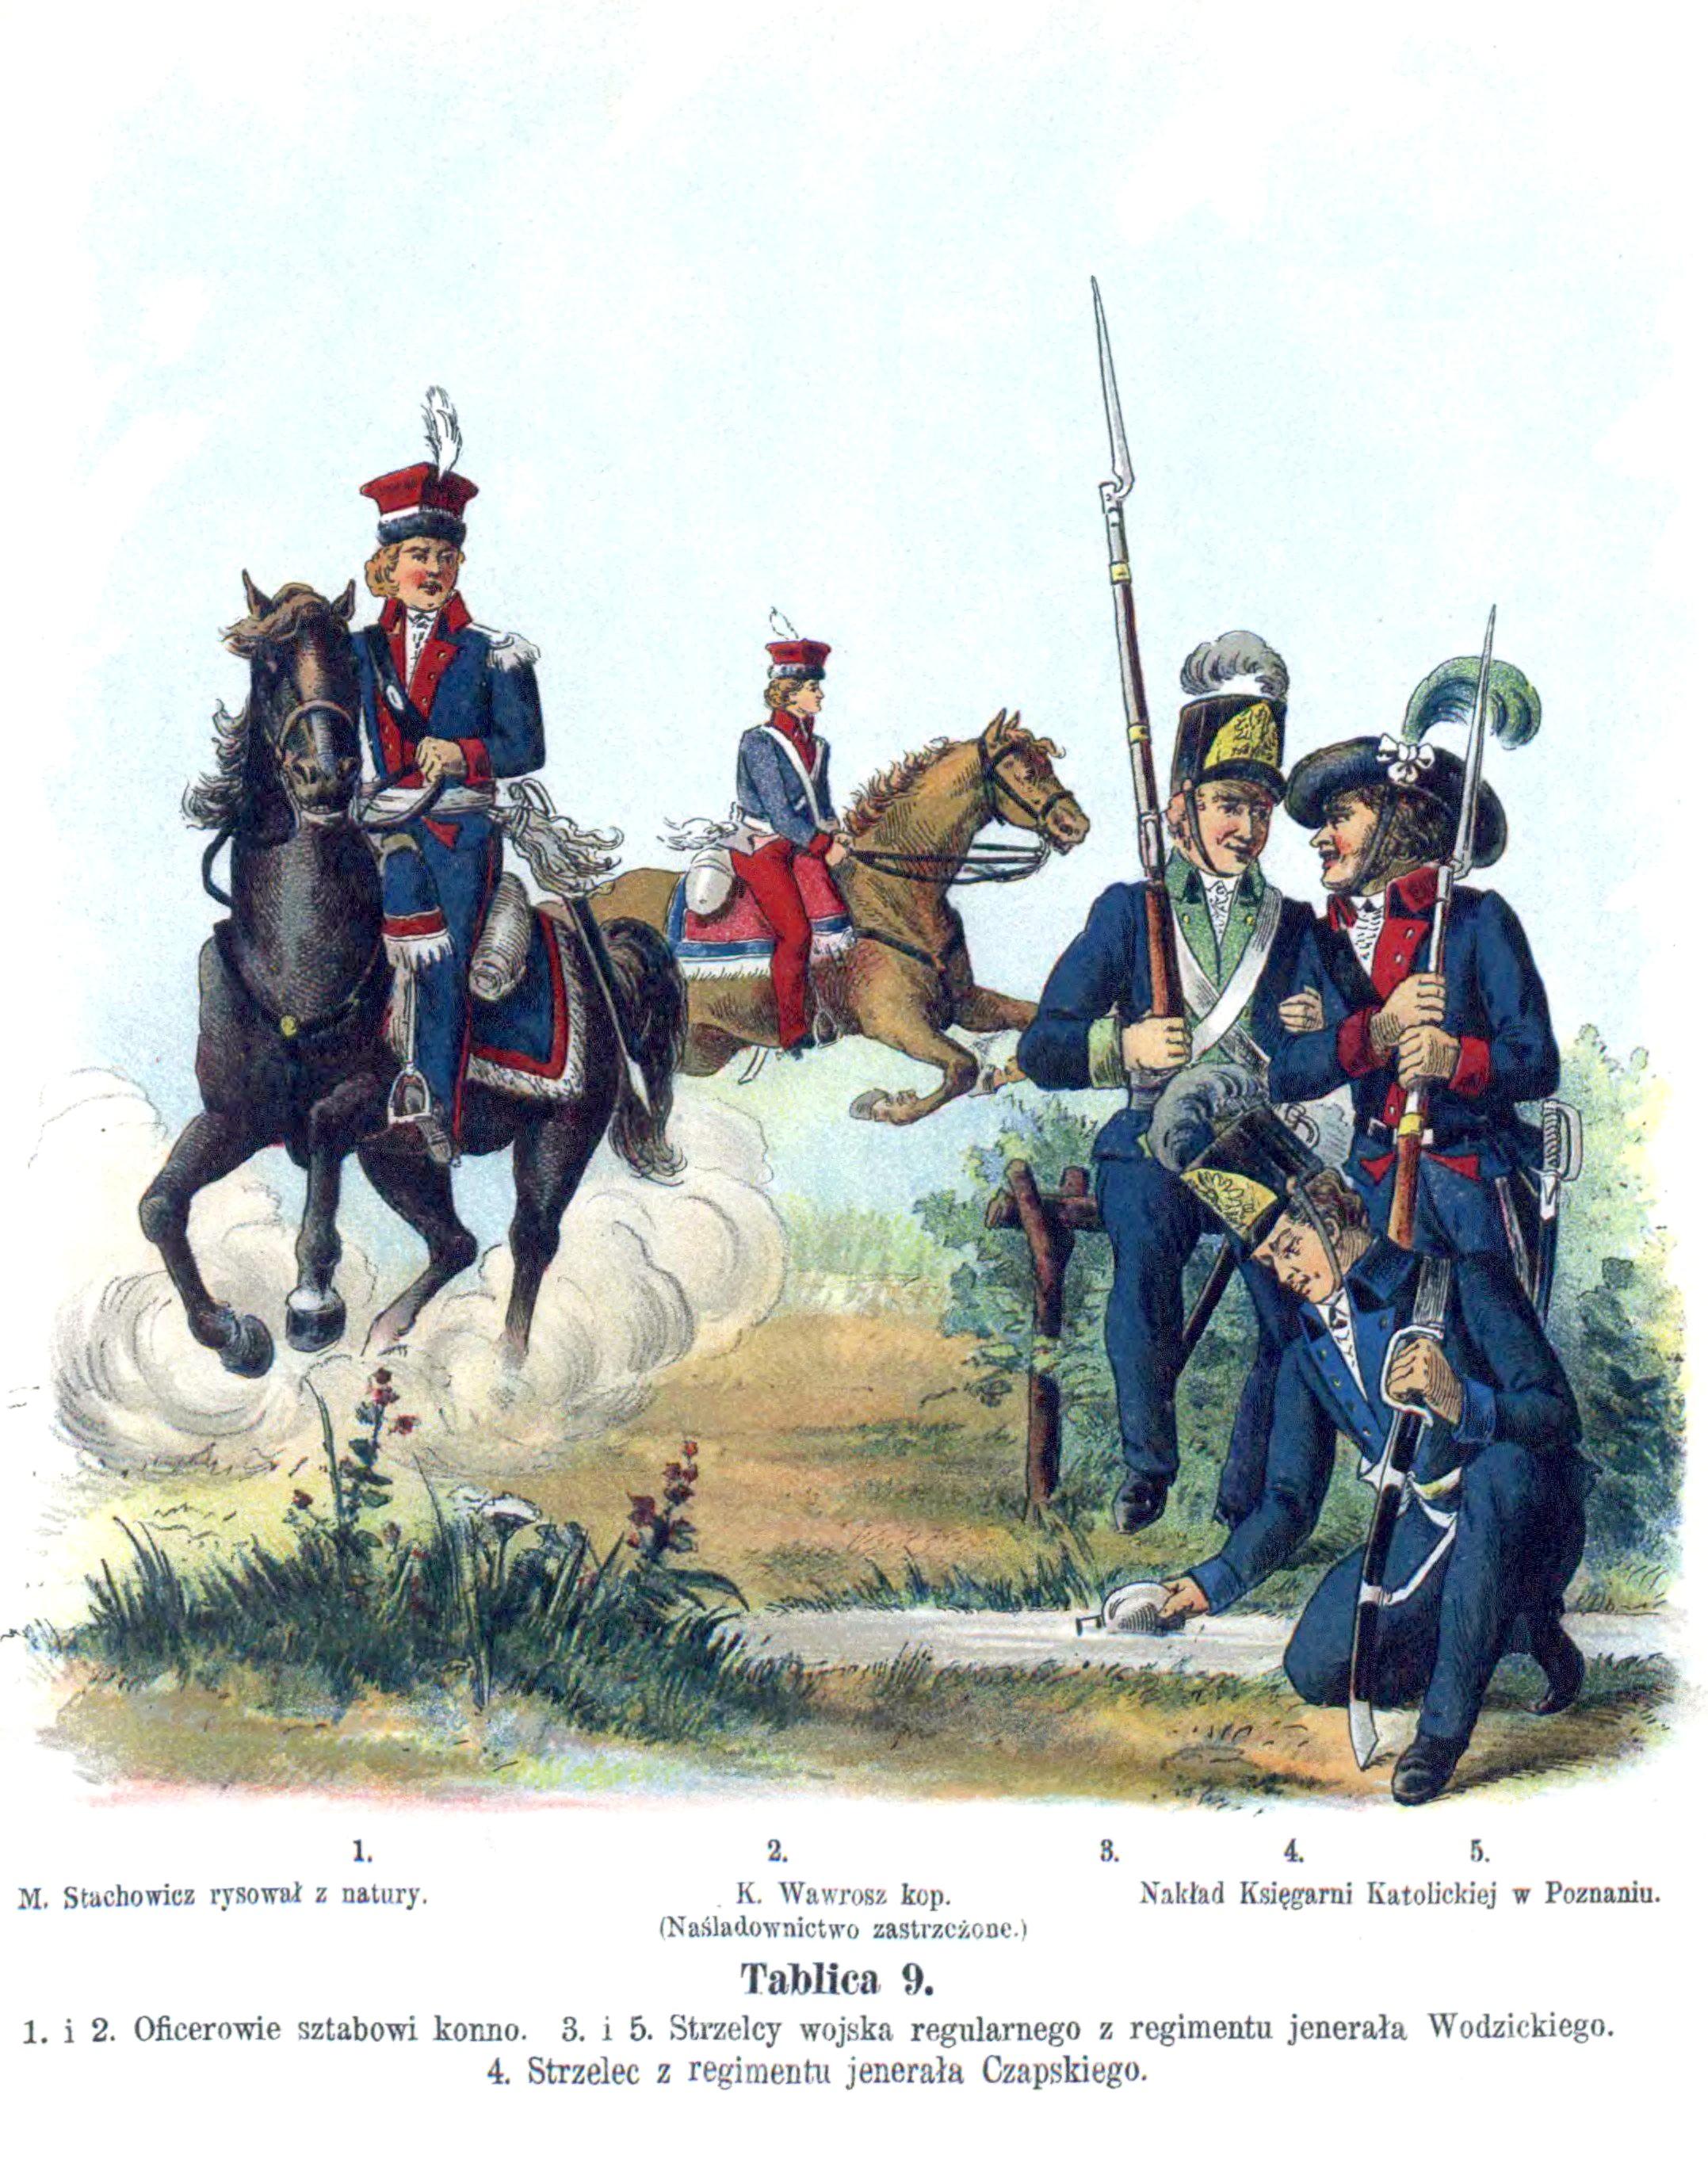 File:Kościuszko Uprising army 4.JPG - Wikimedia Commons